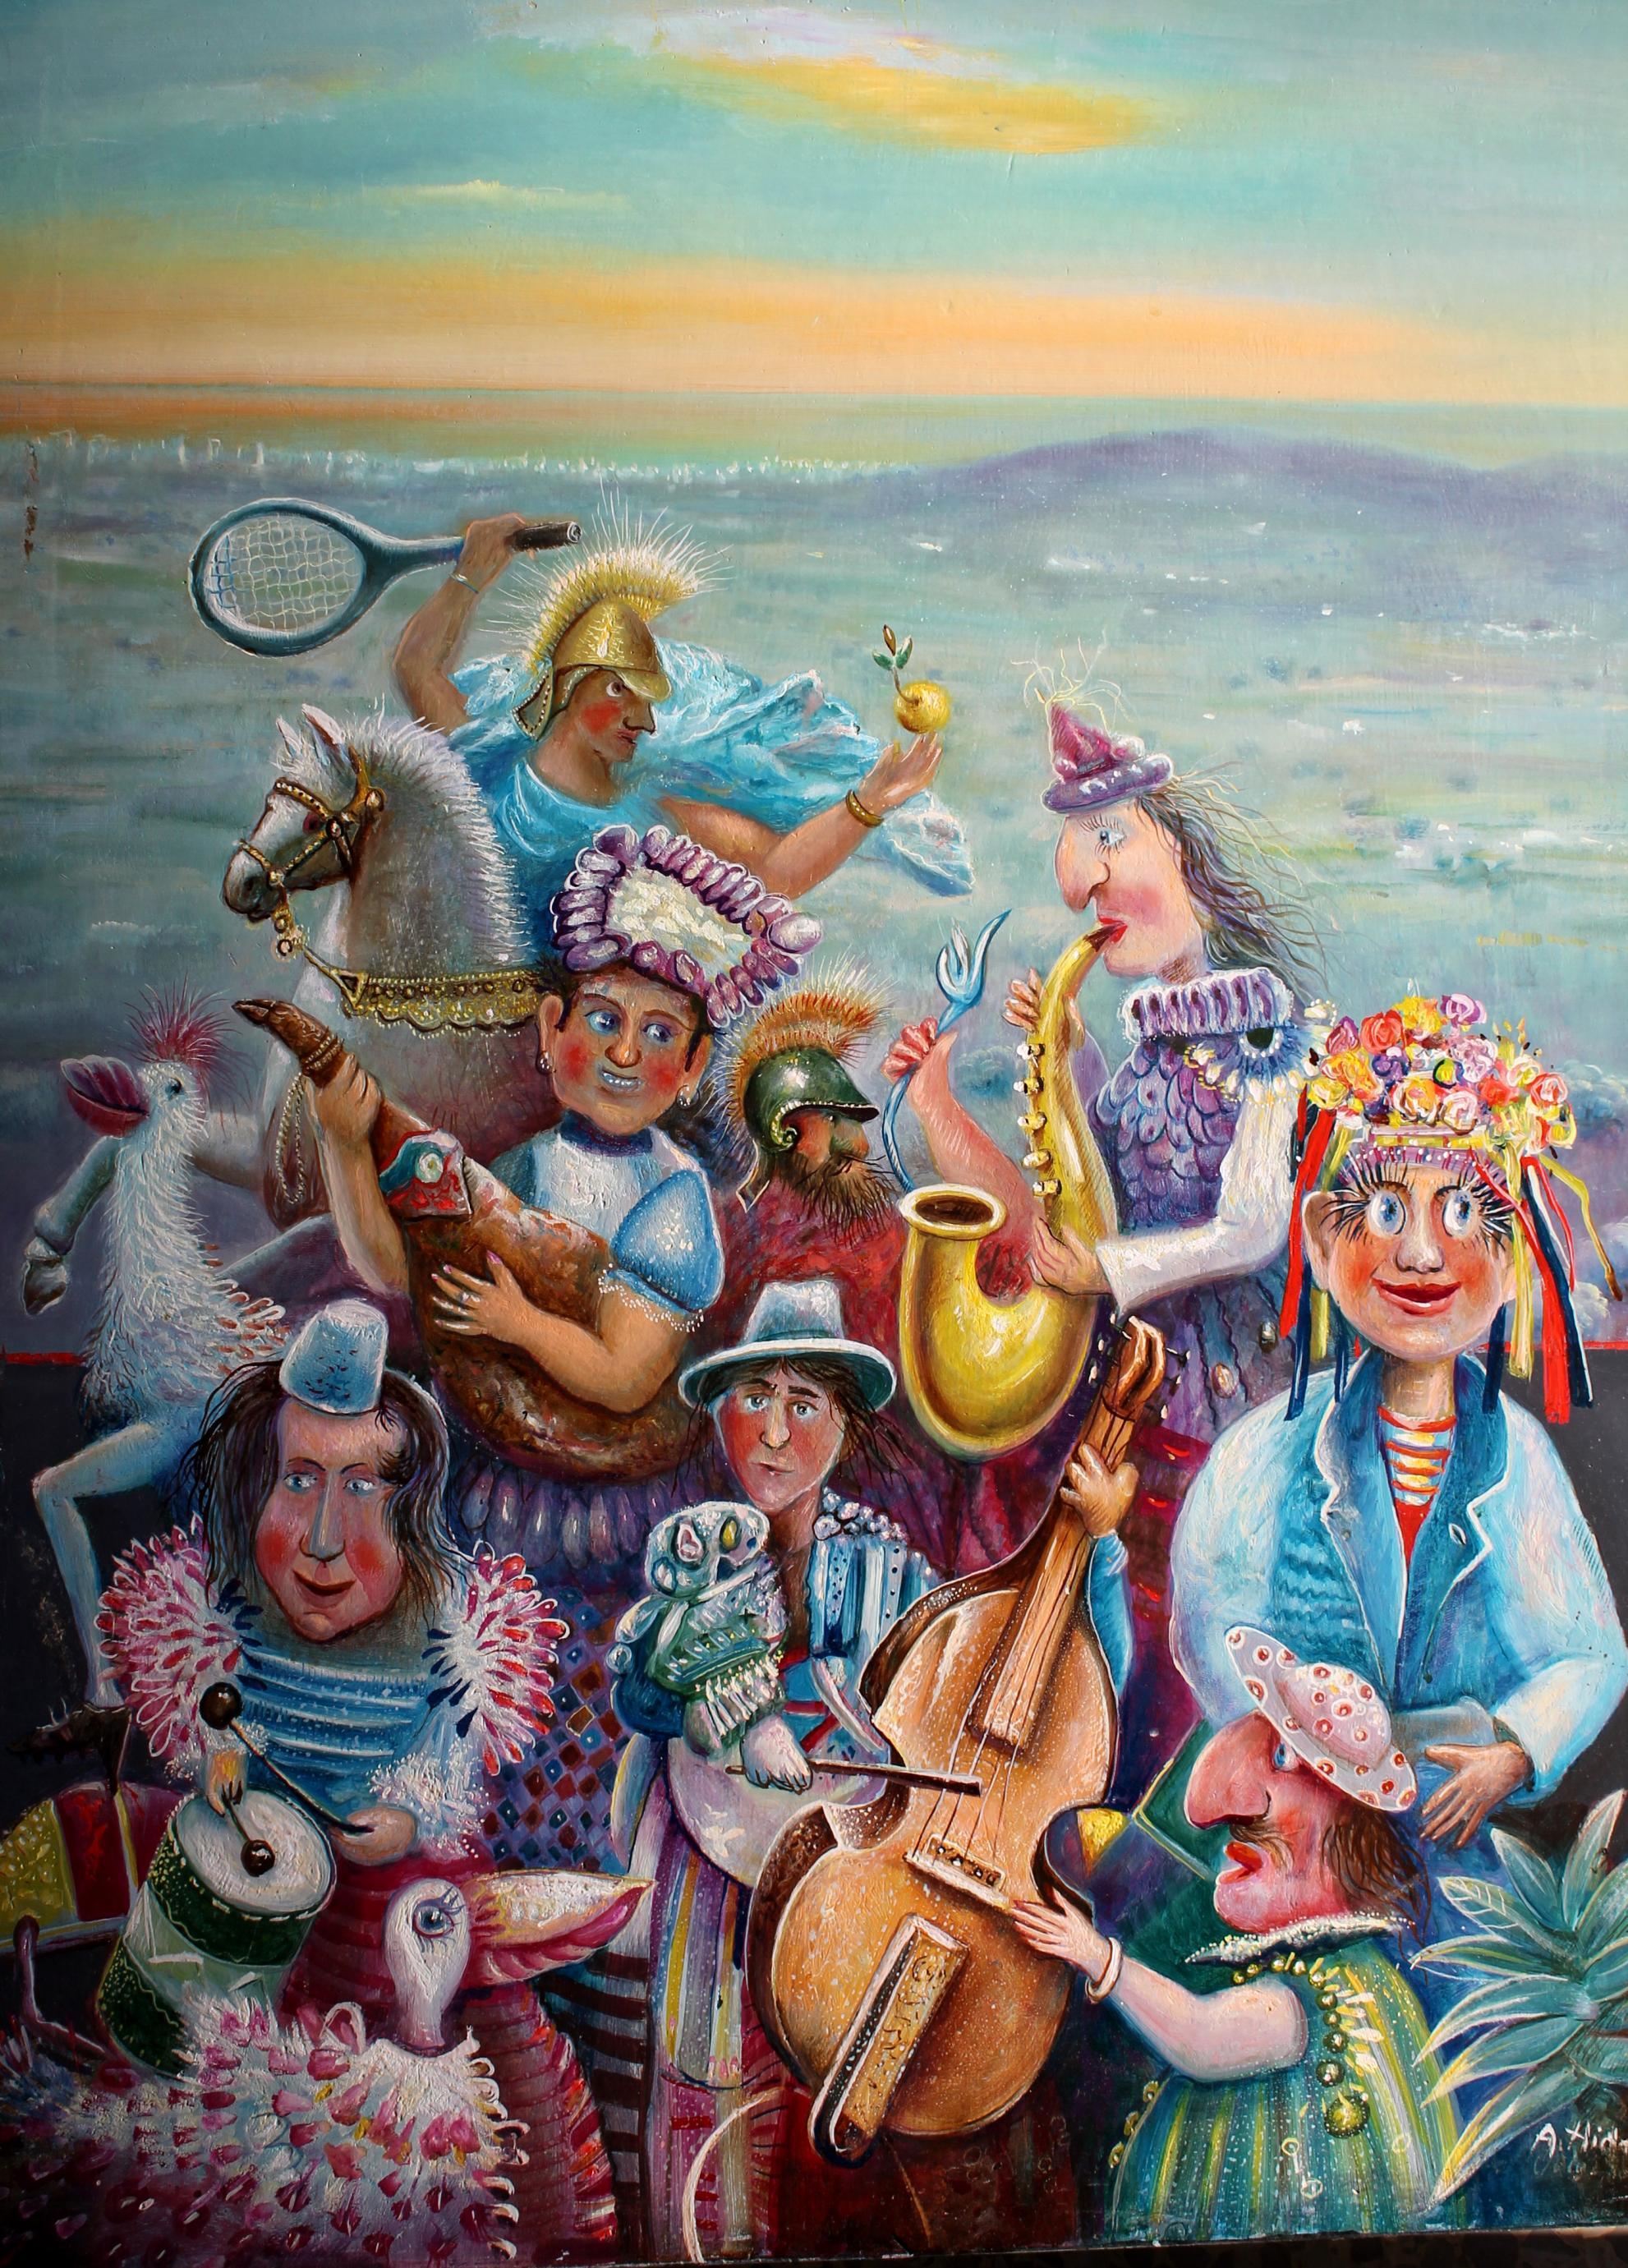 la fiesta de los amigos (2012) - Antonio Hidalgo - A. Hidalgo